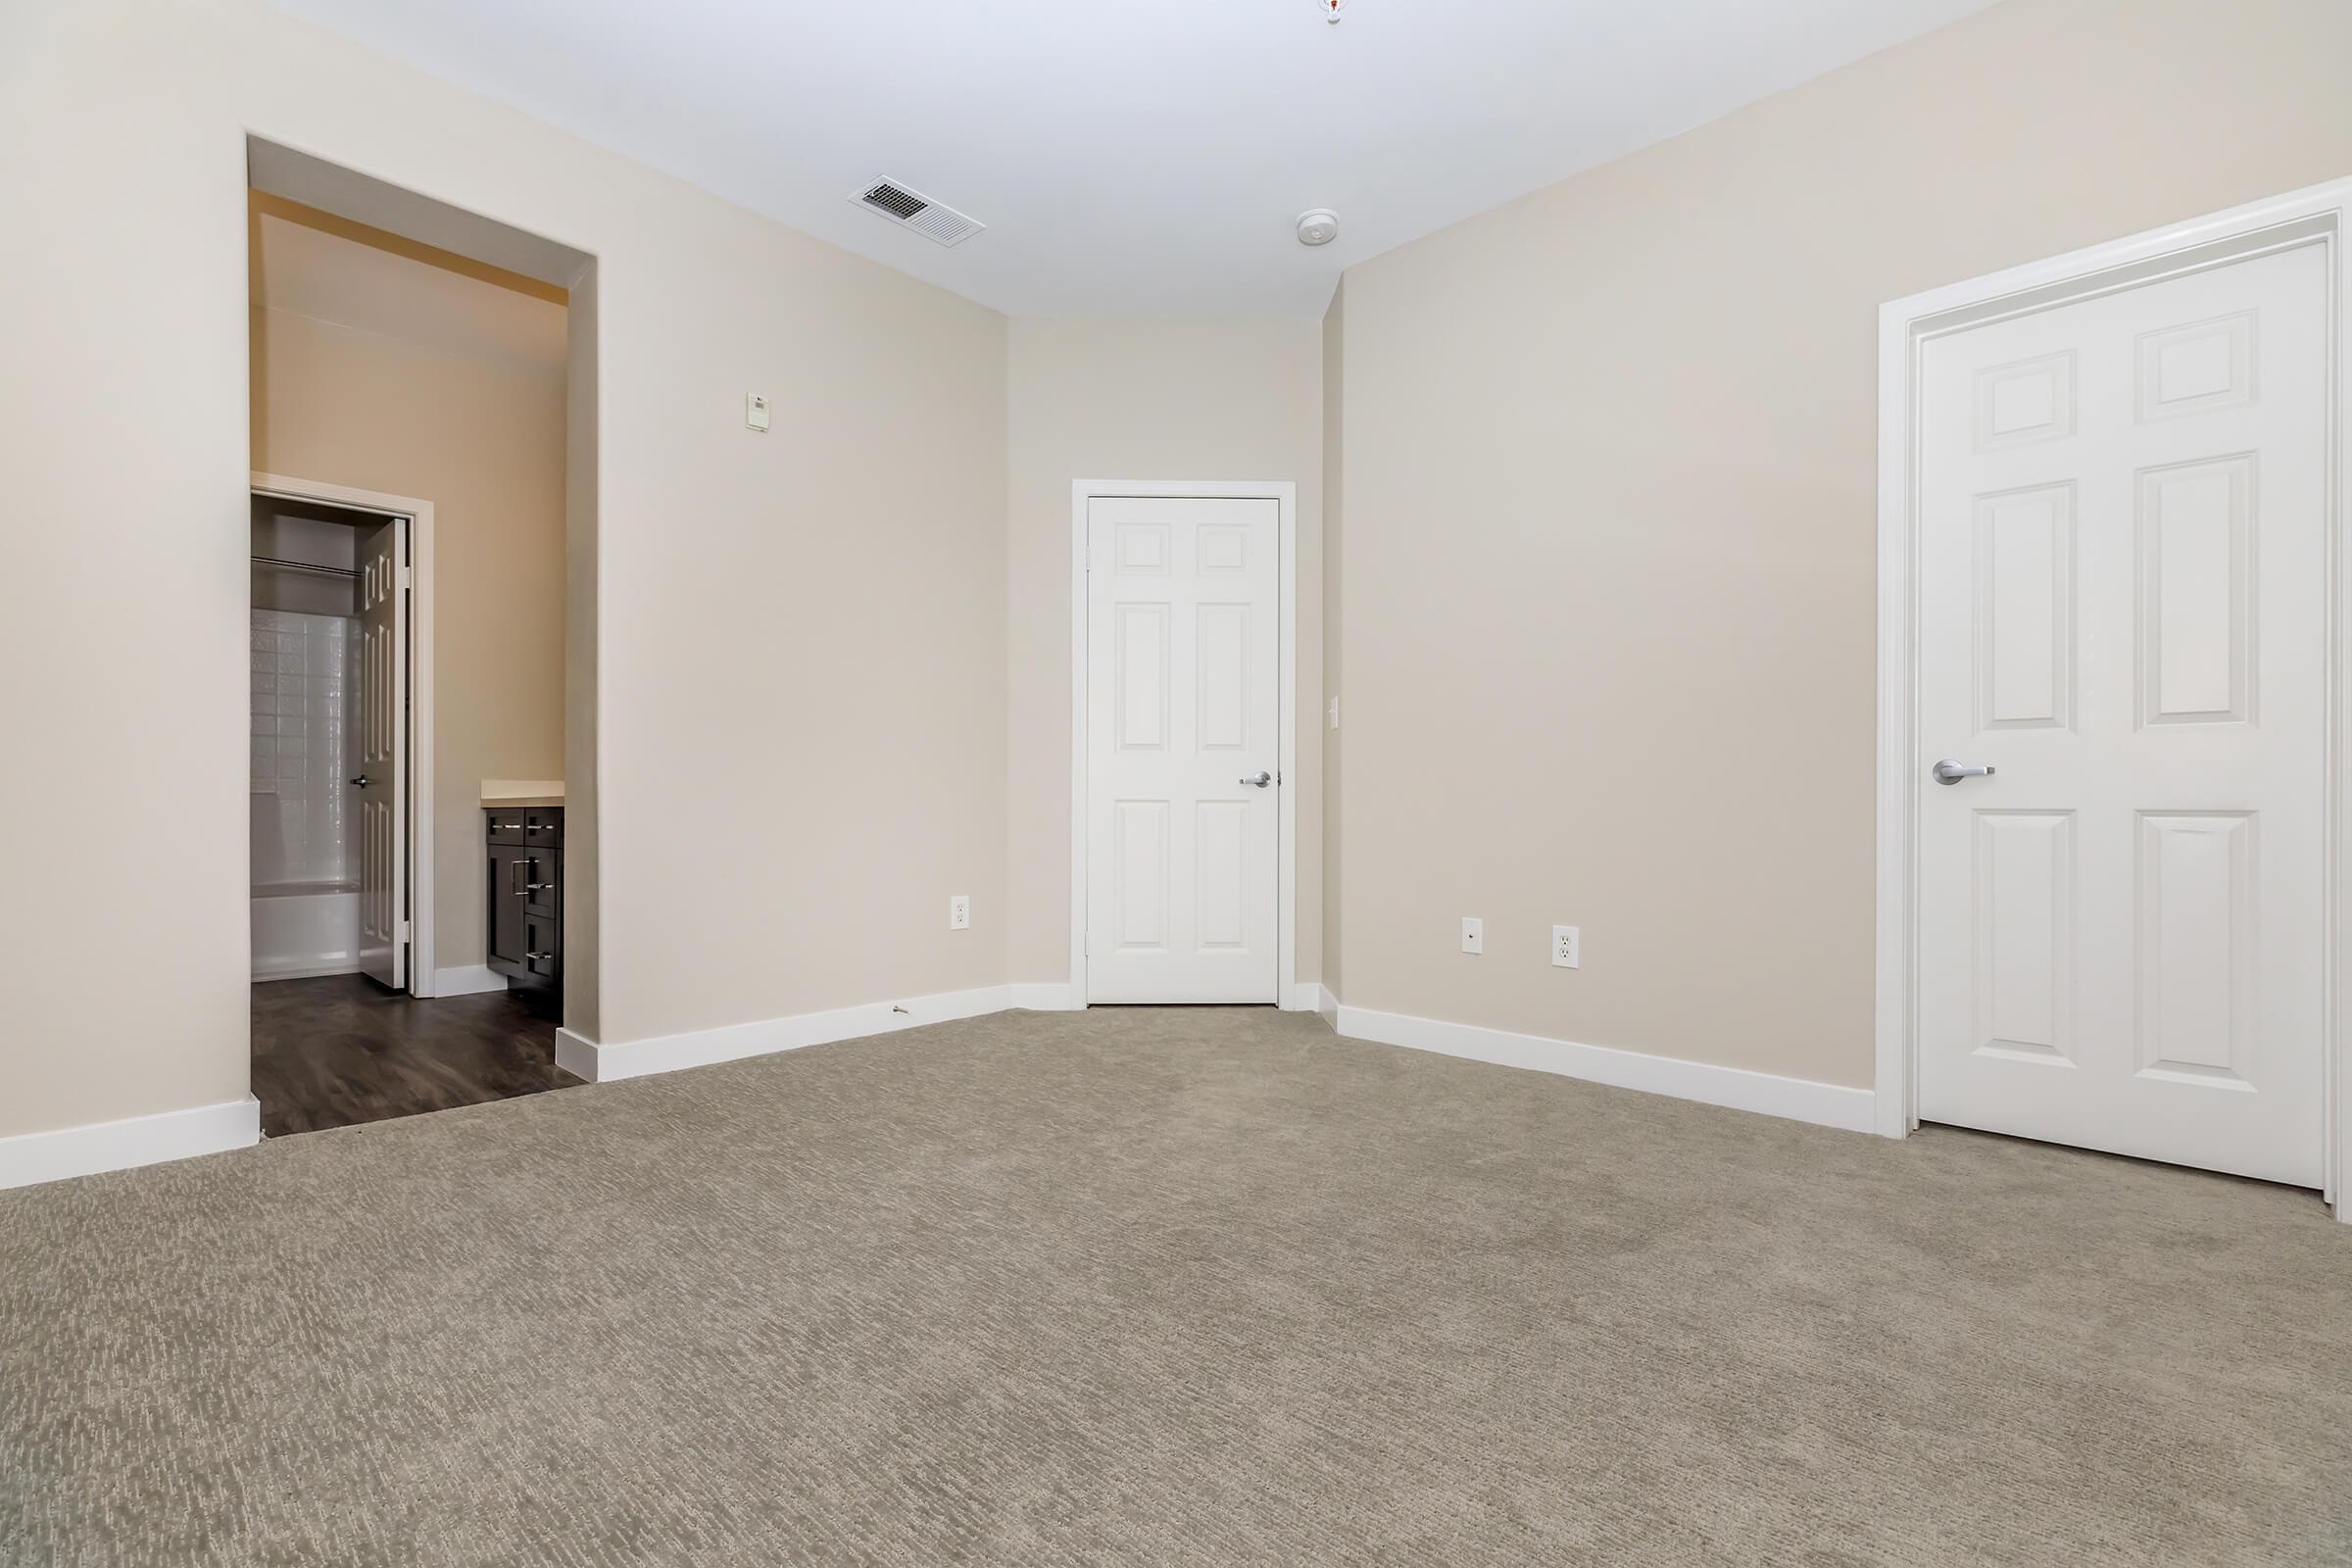 Bedroom with open bathroom door